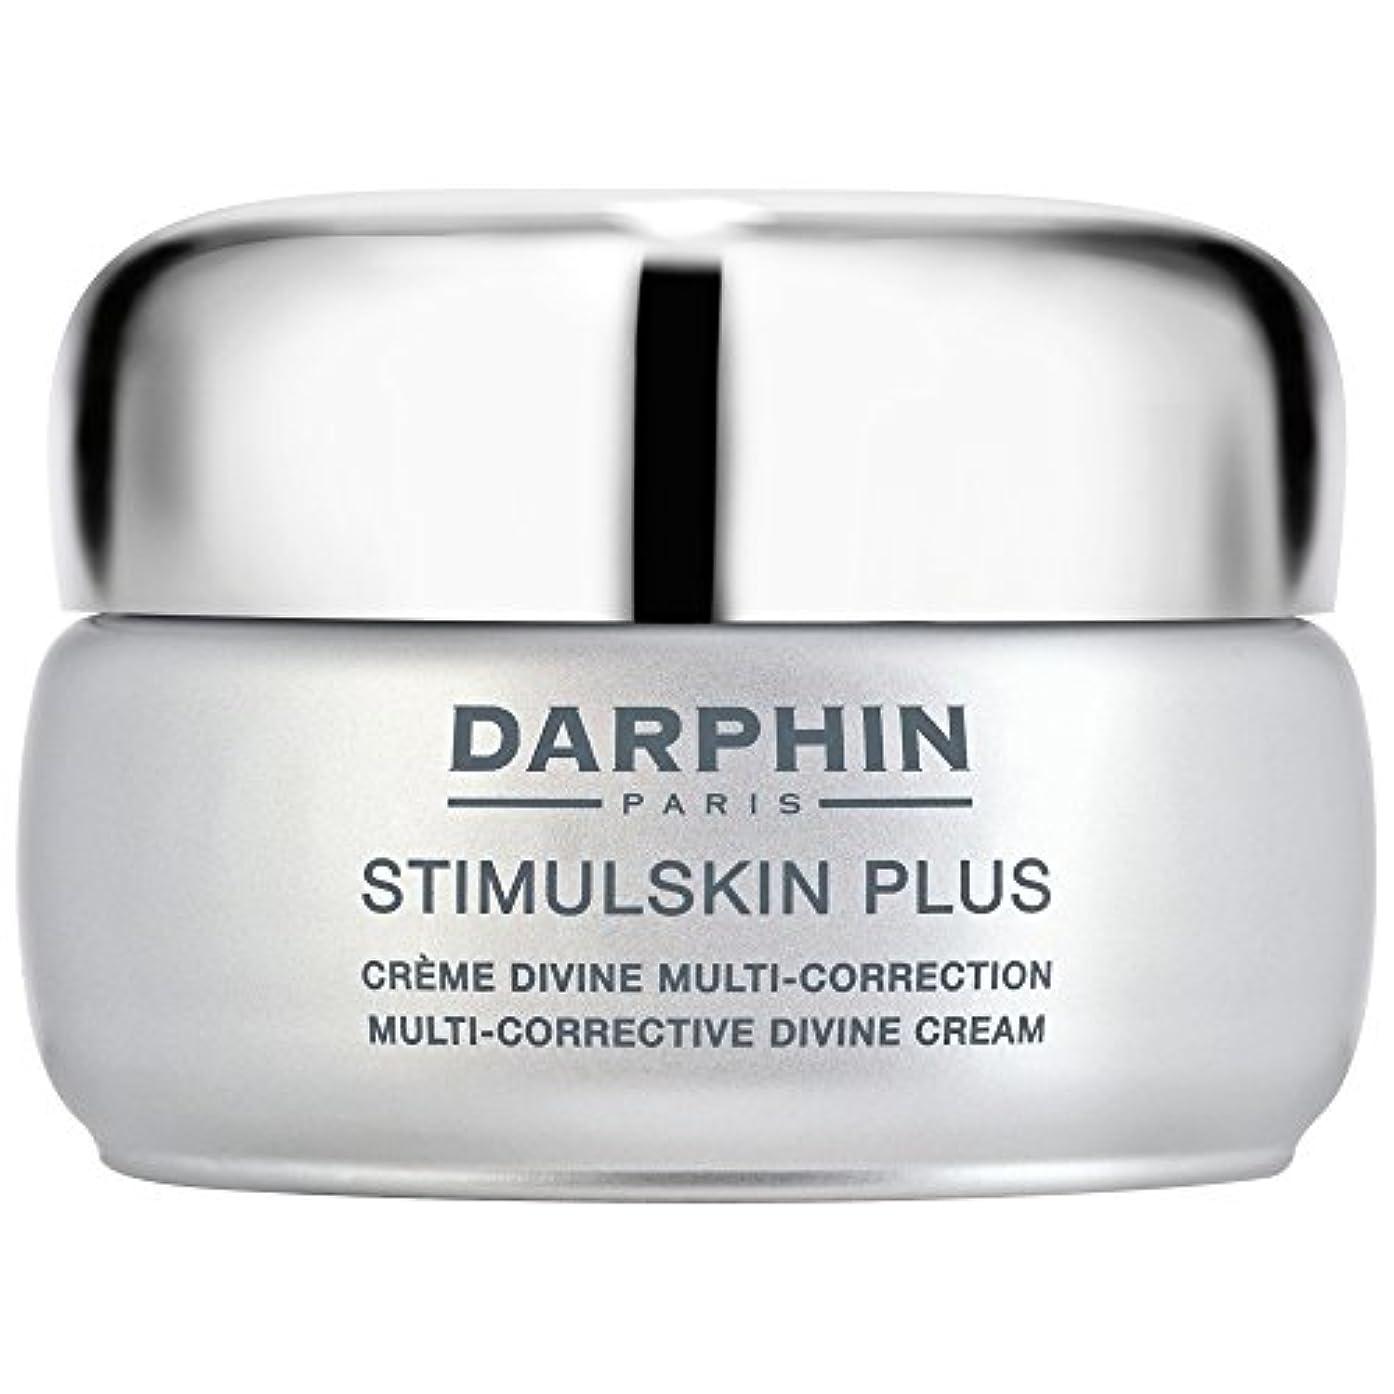 アシスト誤解するツーリストスティプラスマルチ是正神のクリームダルファン、50ミリリットル (Darphin) (x2) - Darphin Stimulskin Plus Multi-Corrective Divine Cream, 50ml (...